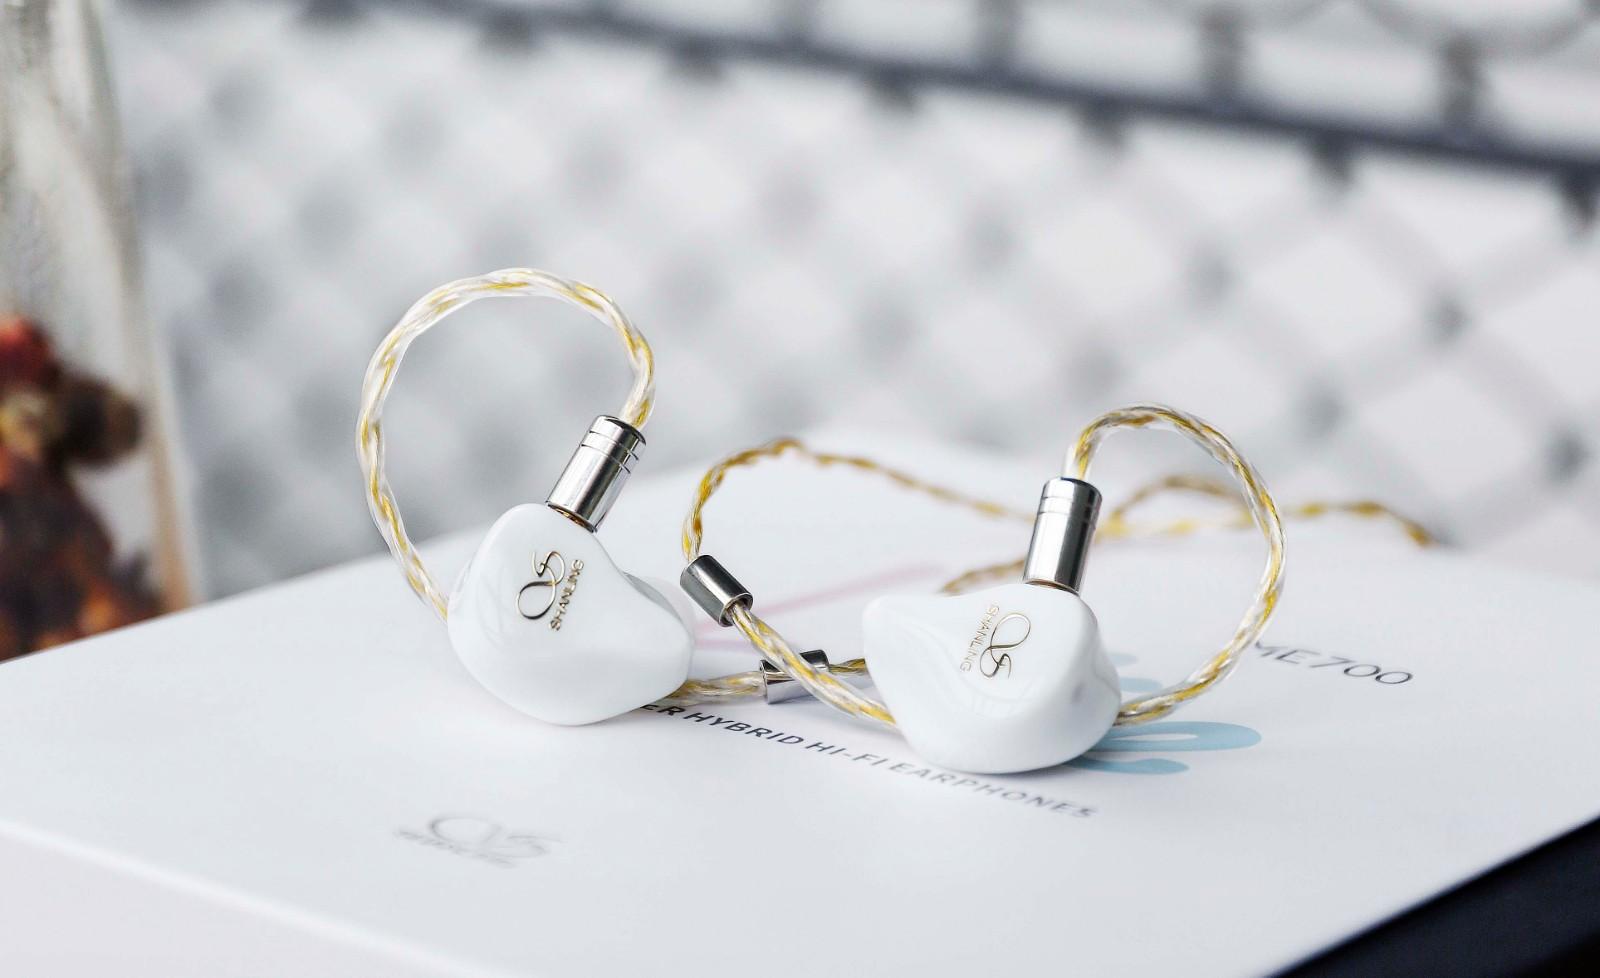 【新品】ME700 Lite 即将开售!设计情报&首发细则大公开!